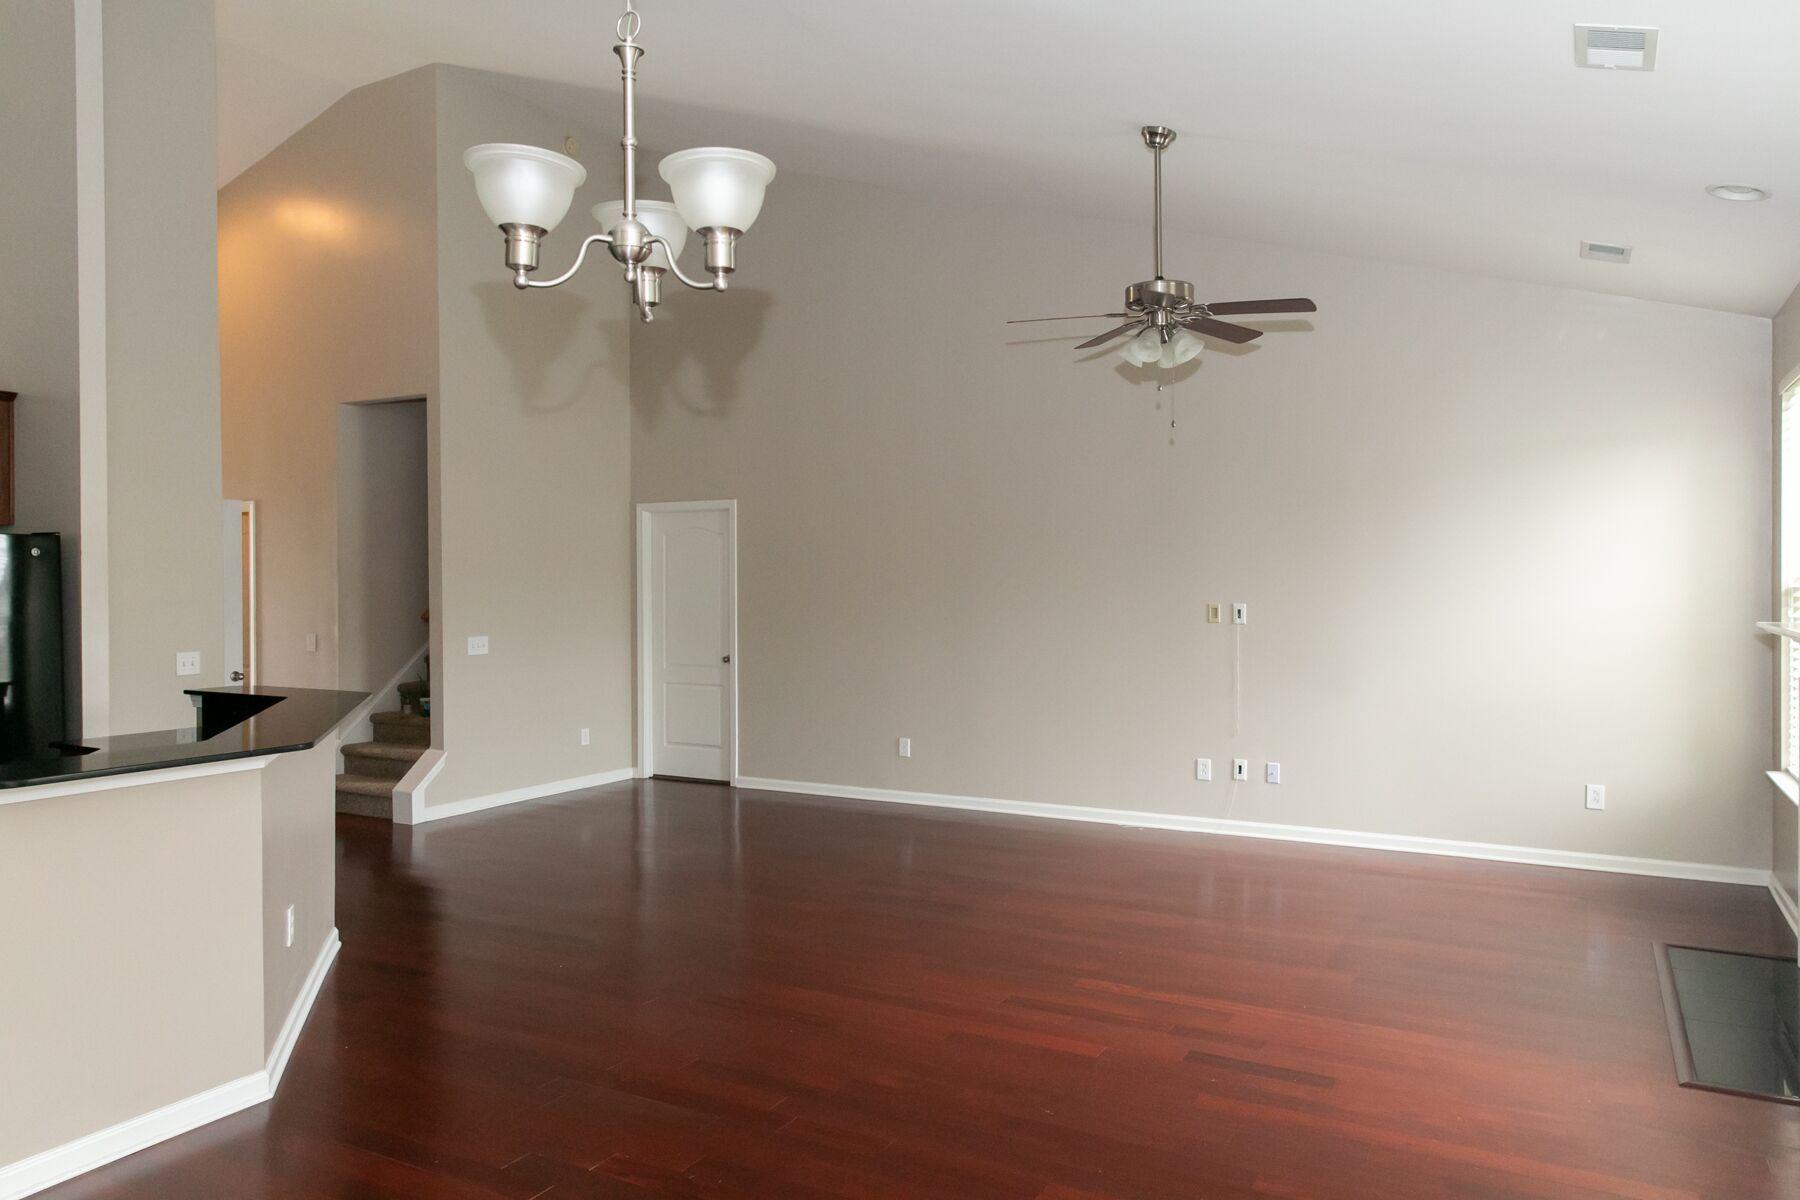 Royal Oaks Homes For Sale - 127 Satur, Goose Creek, SC - 1